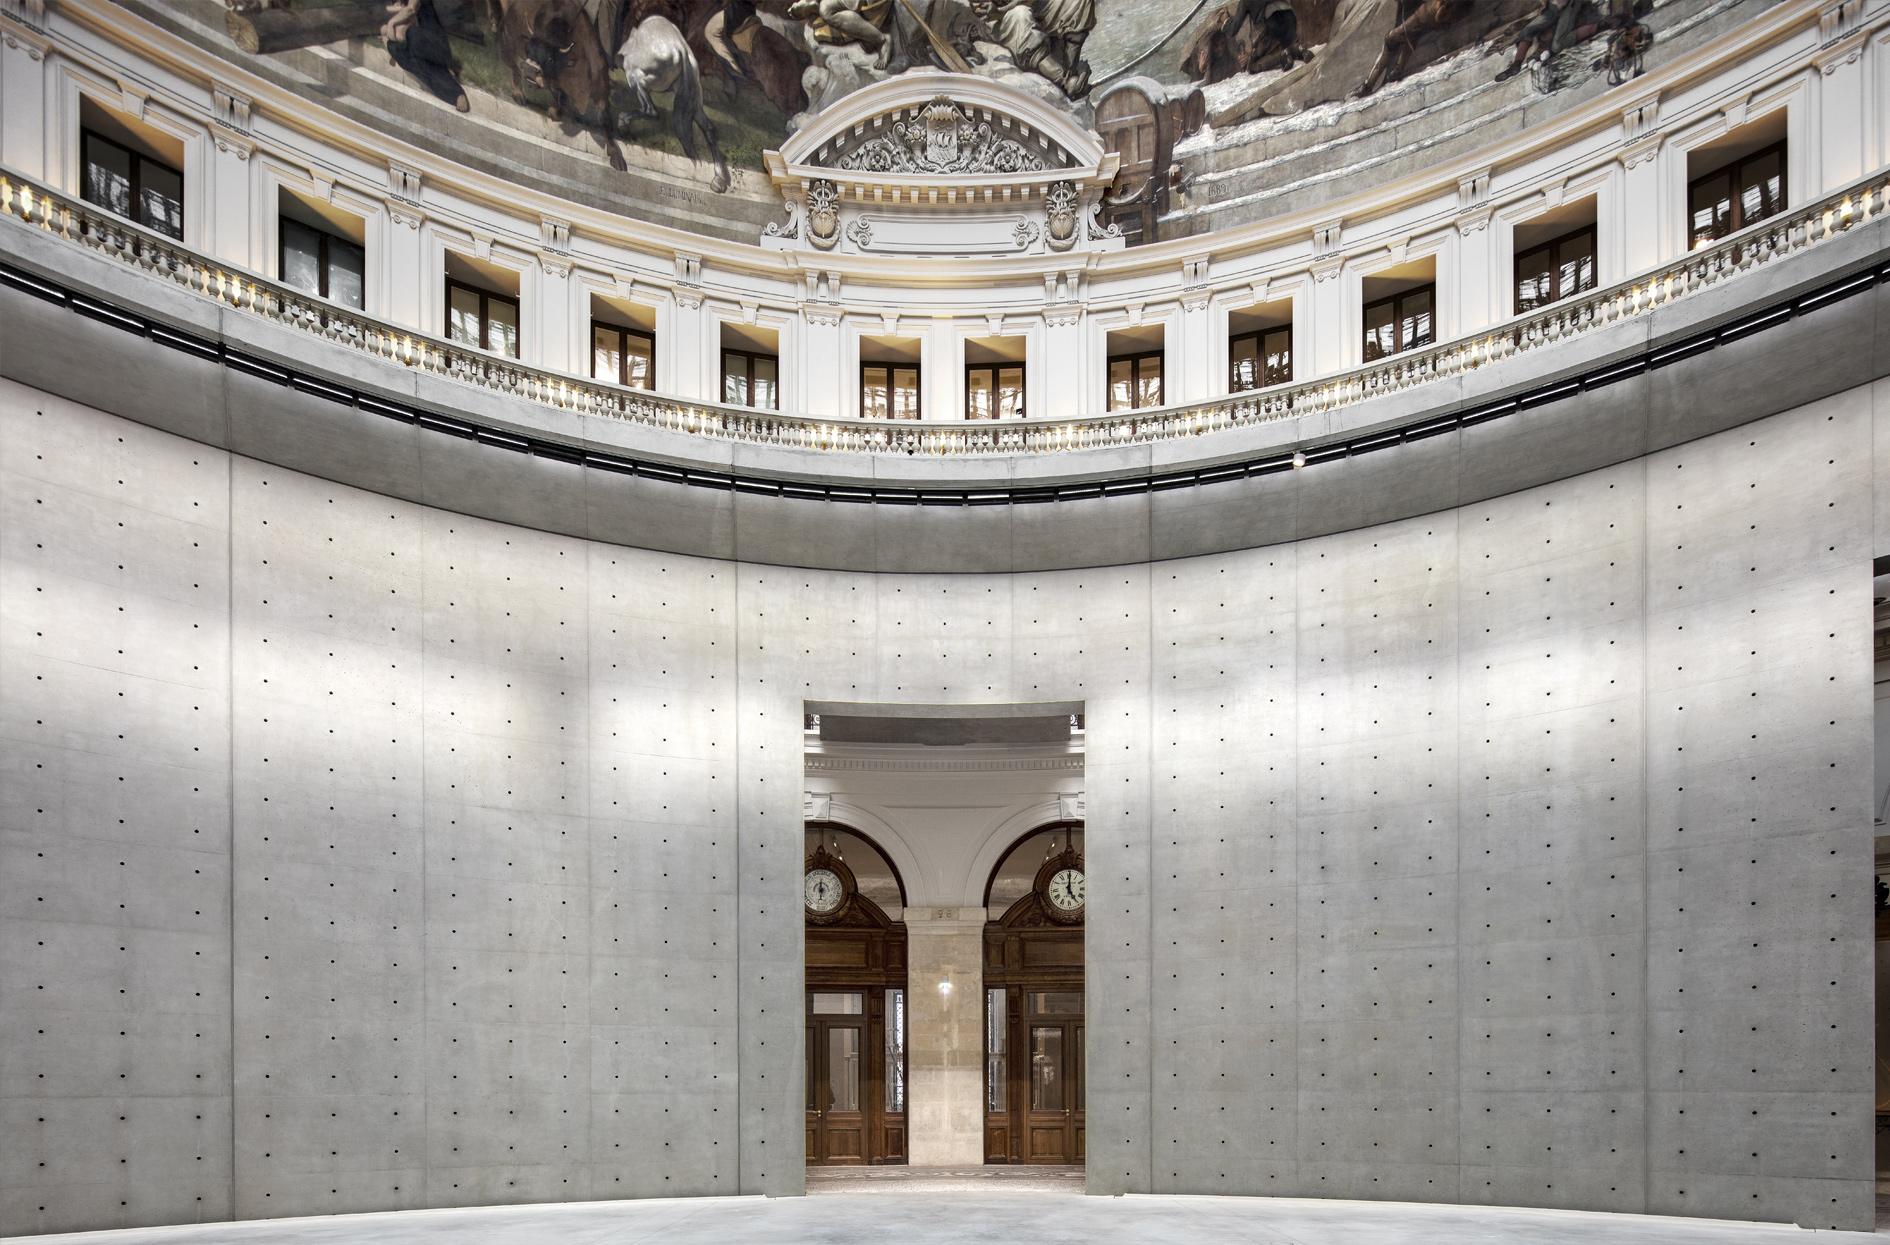 Thumbnail Bourse de Commerce Pinault Collection / 6